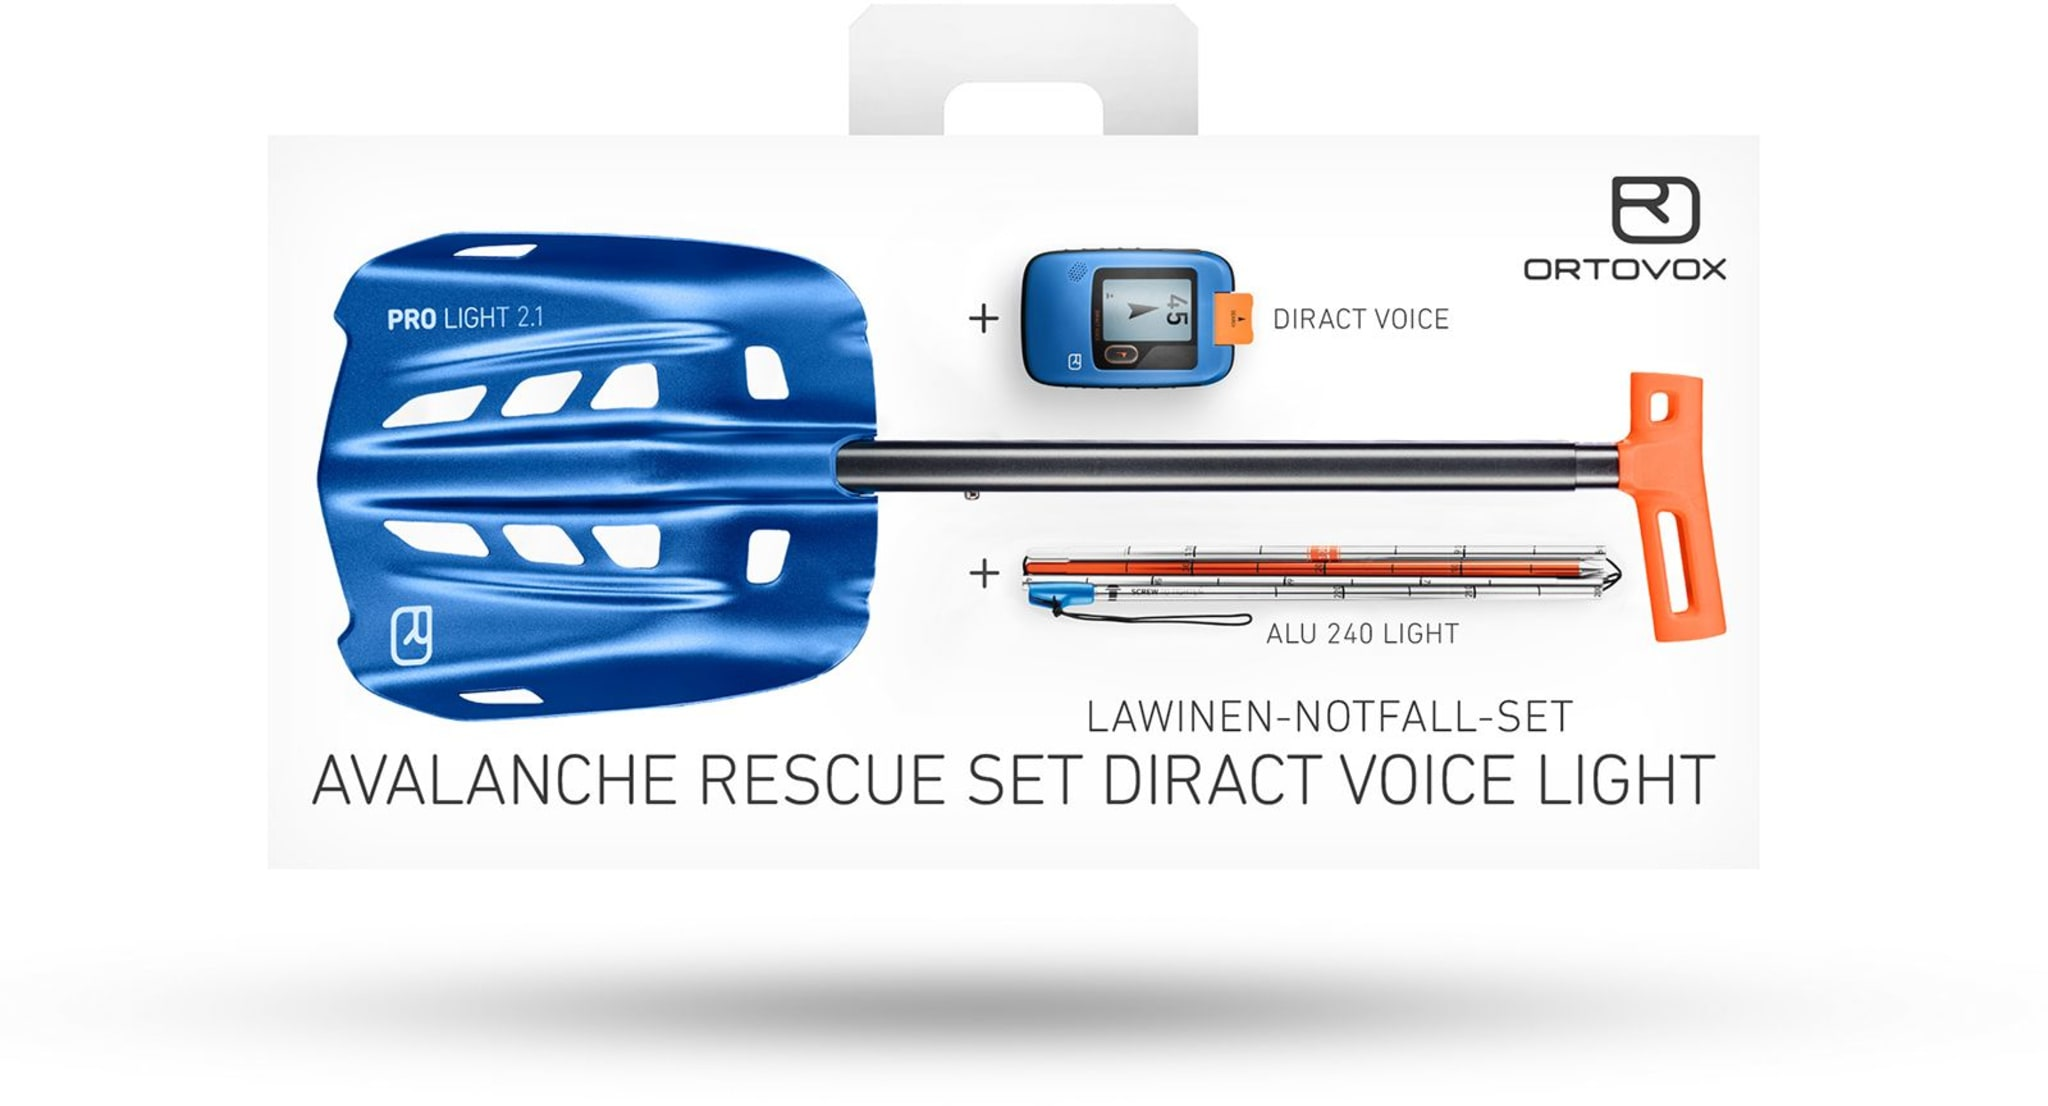 Rescue Set Diract Voice Light